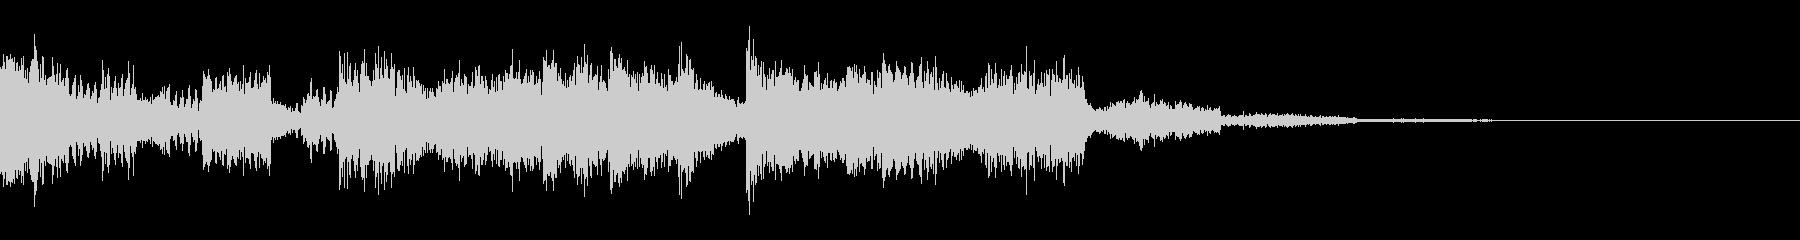 【ロゴ、ジングル】EDM05の未再生の波形